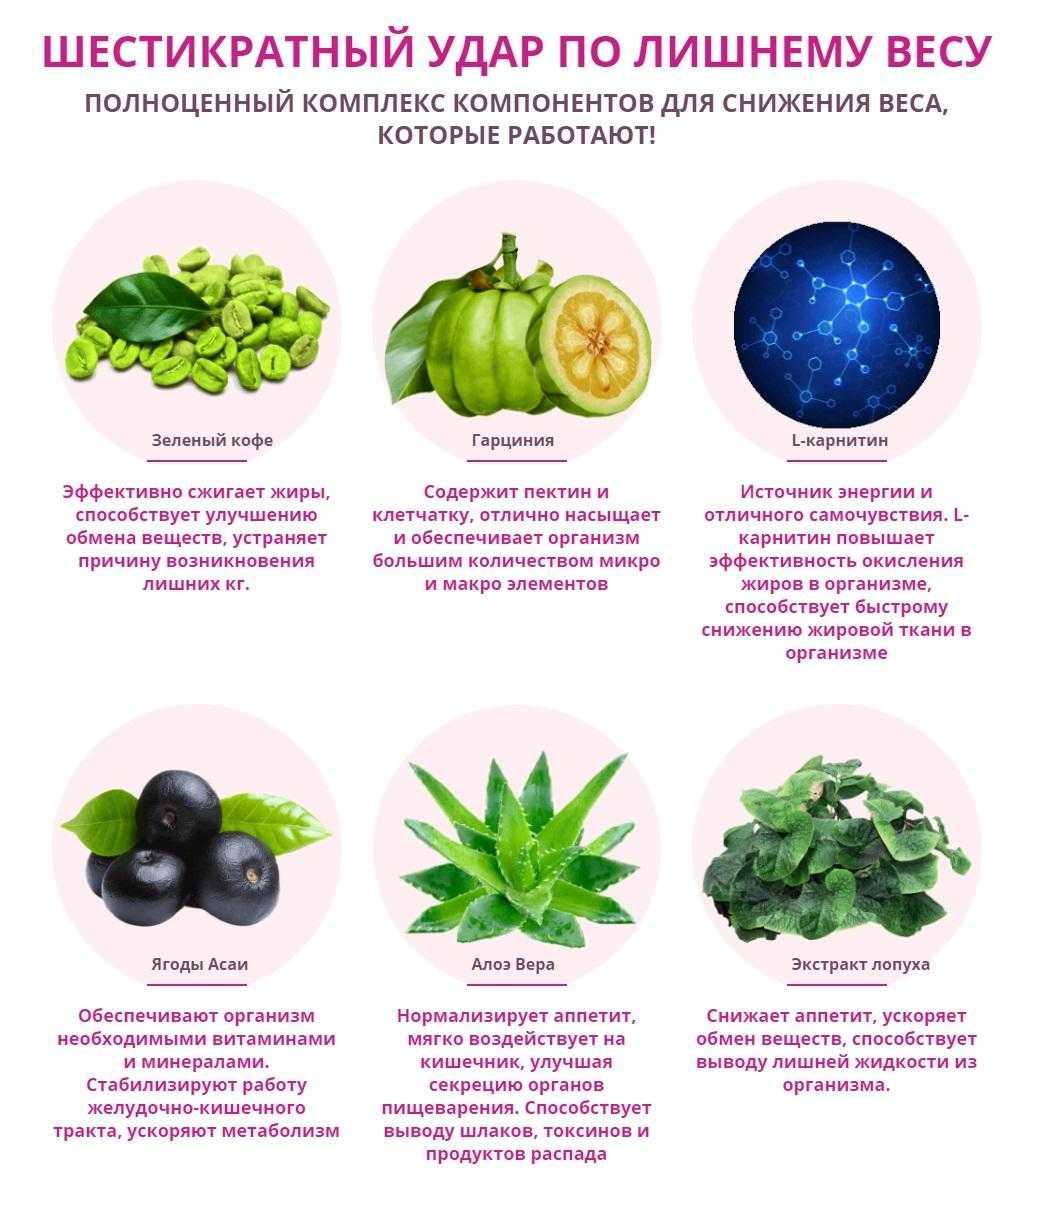 Можно ли ускорить обмен веществ (метаболизм) и как это сделать